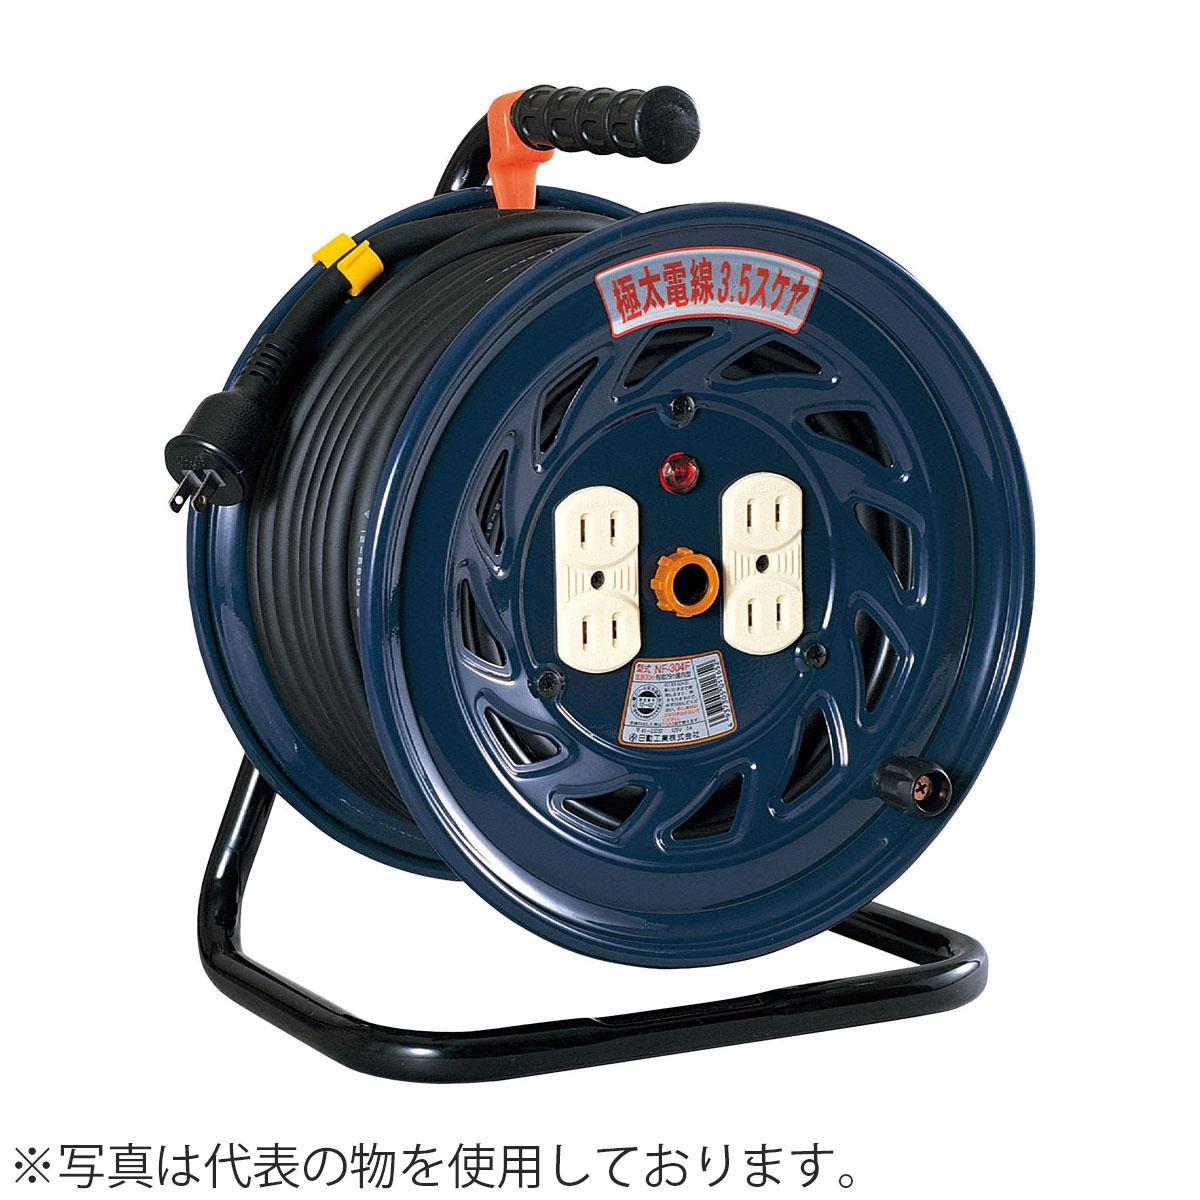 日動工業 50mコードリール 100V標準型ドラム(屋内用) NDN-504F アース無 コンセント:4口